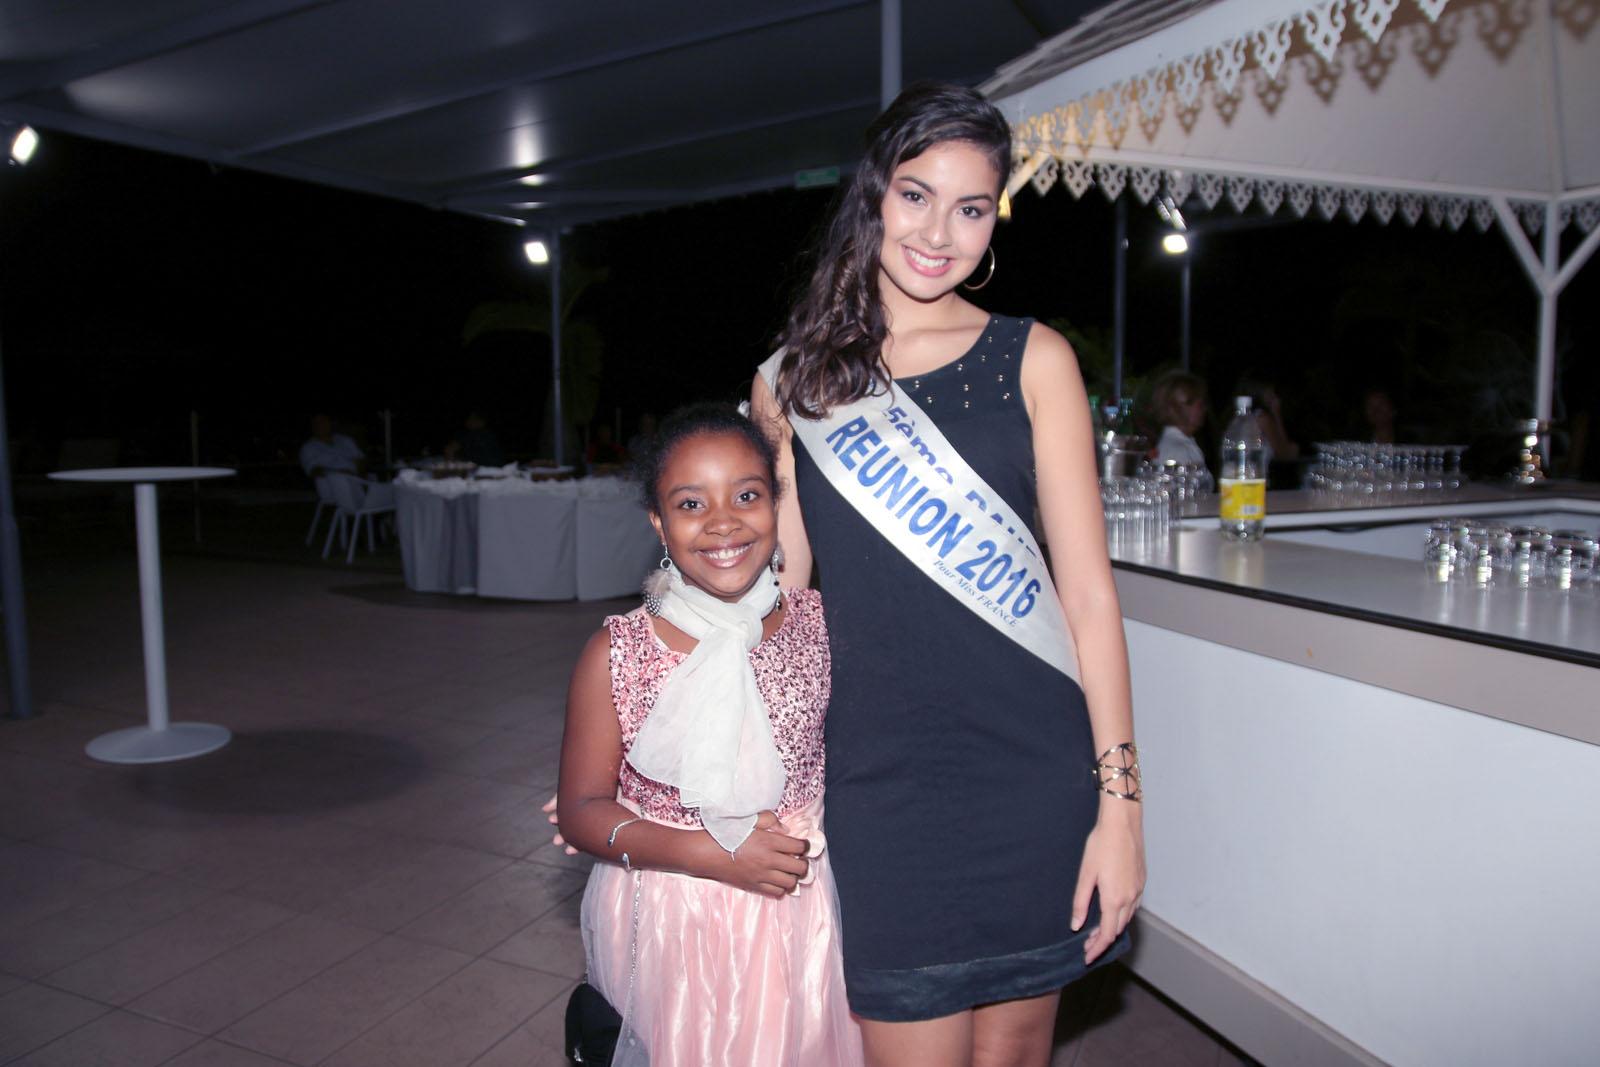 Une future Miss avec la Miss actuelle!